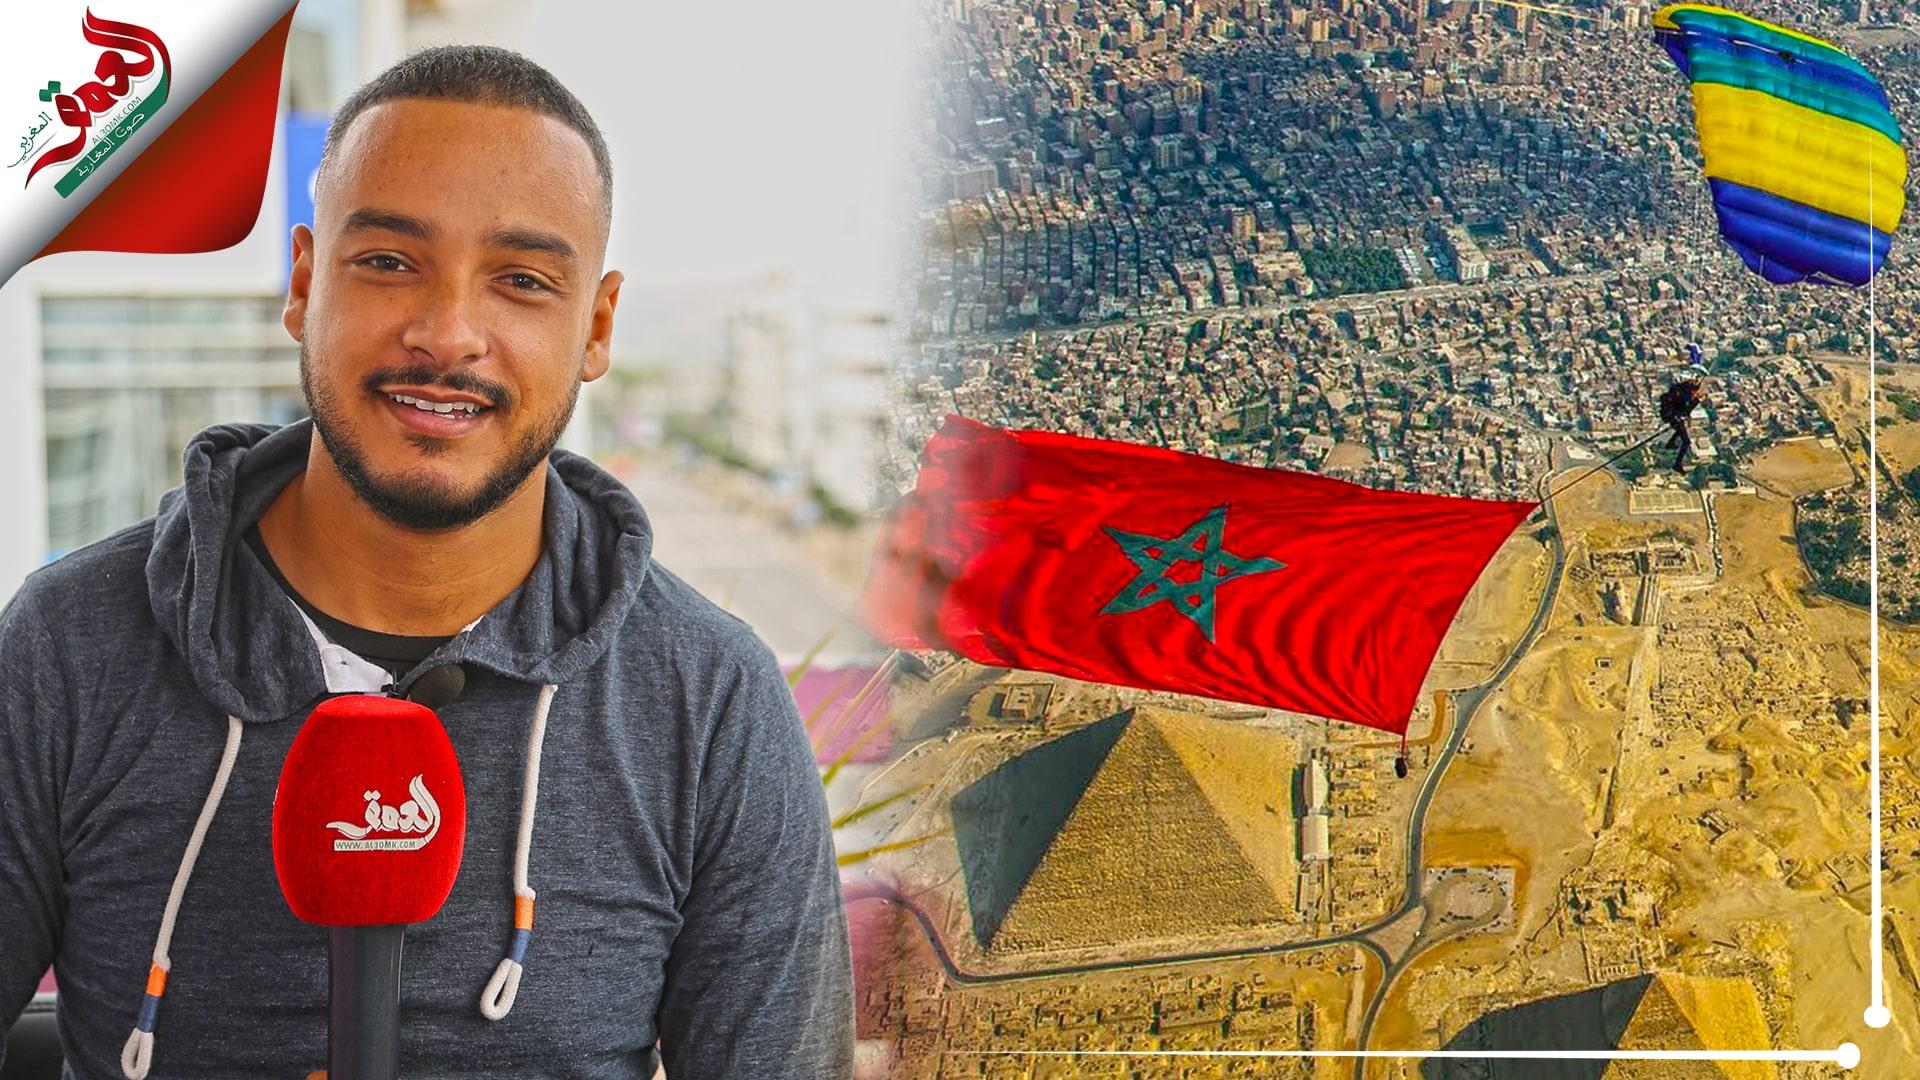 مدرب مغربي في القفز بالمظلات